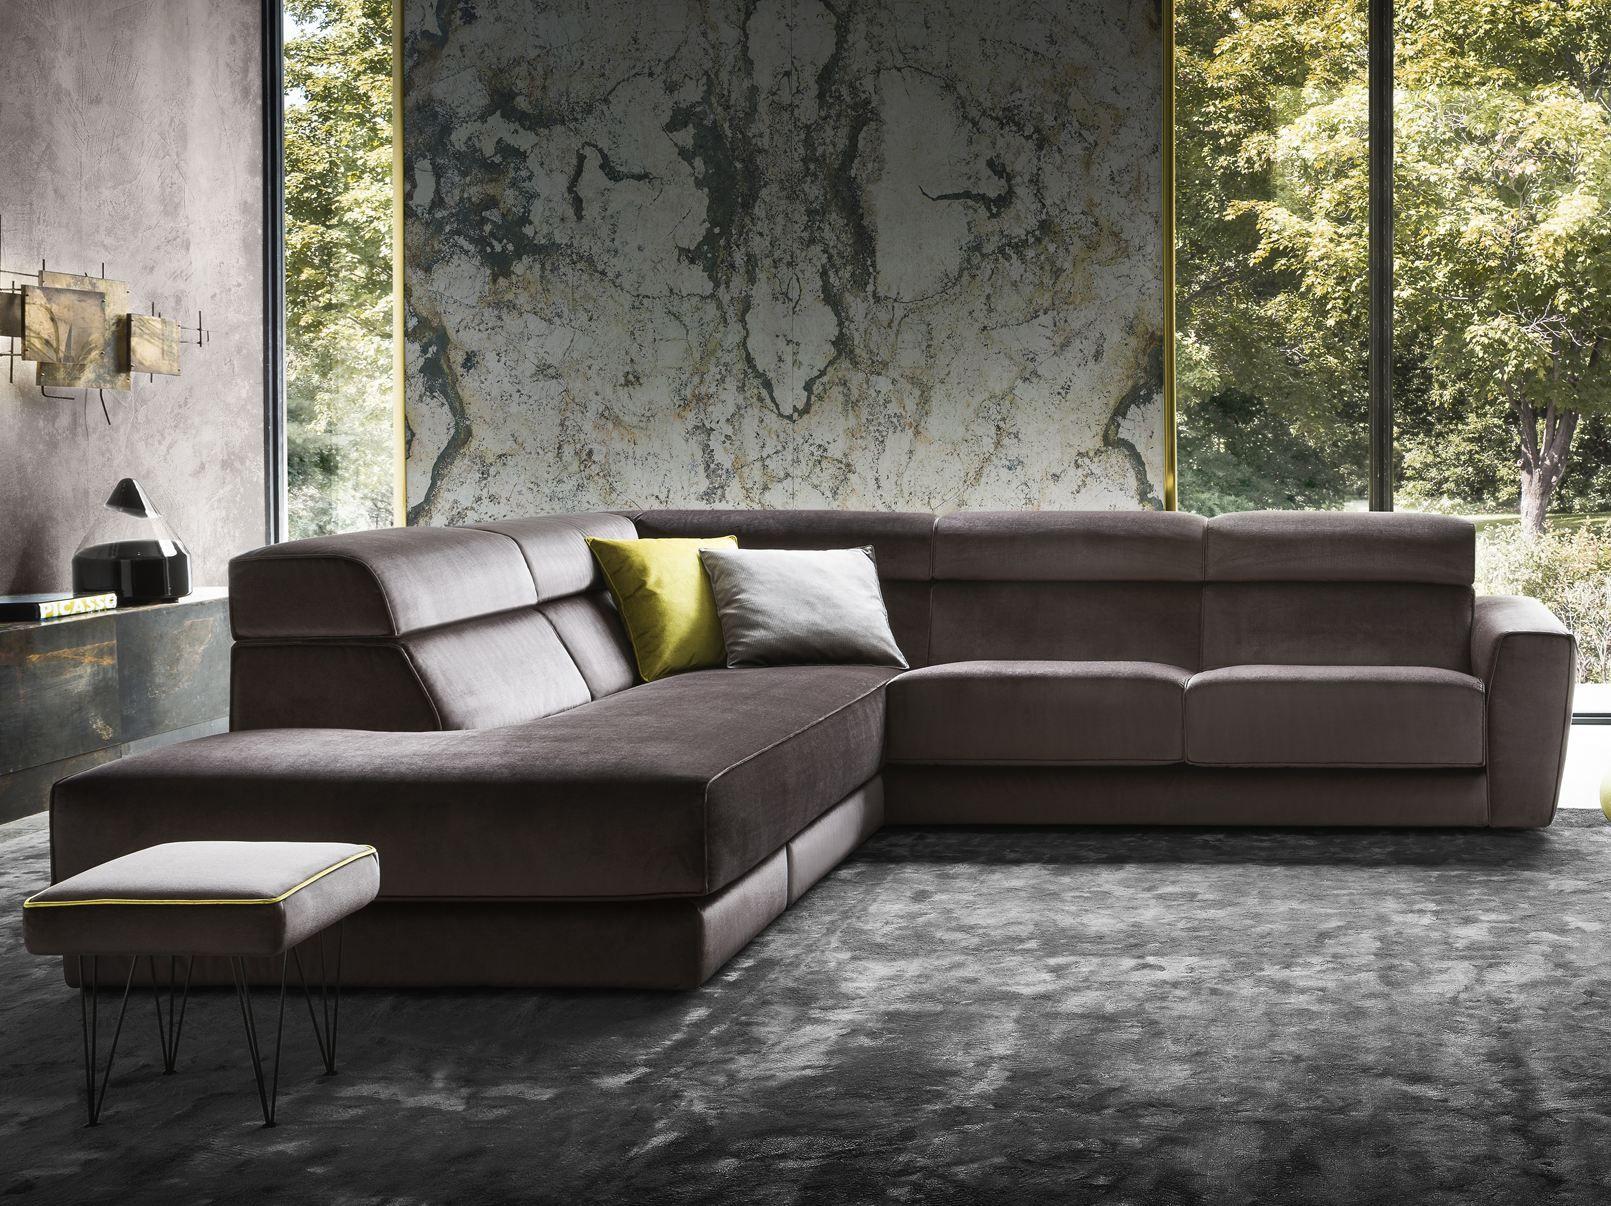 winston divano in velluto collezione softliving by felis